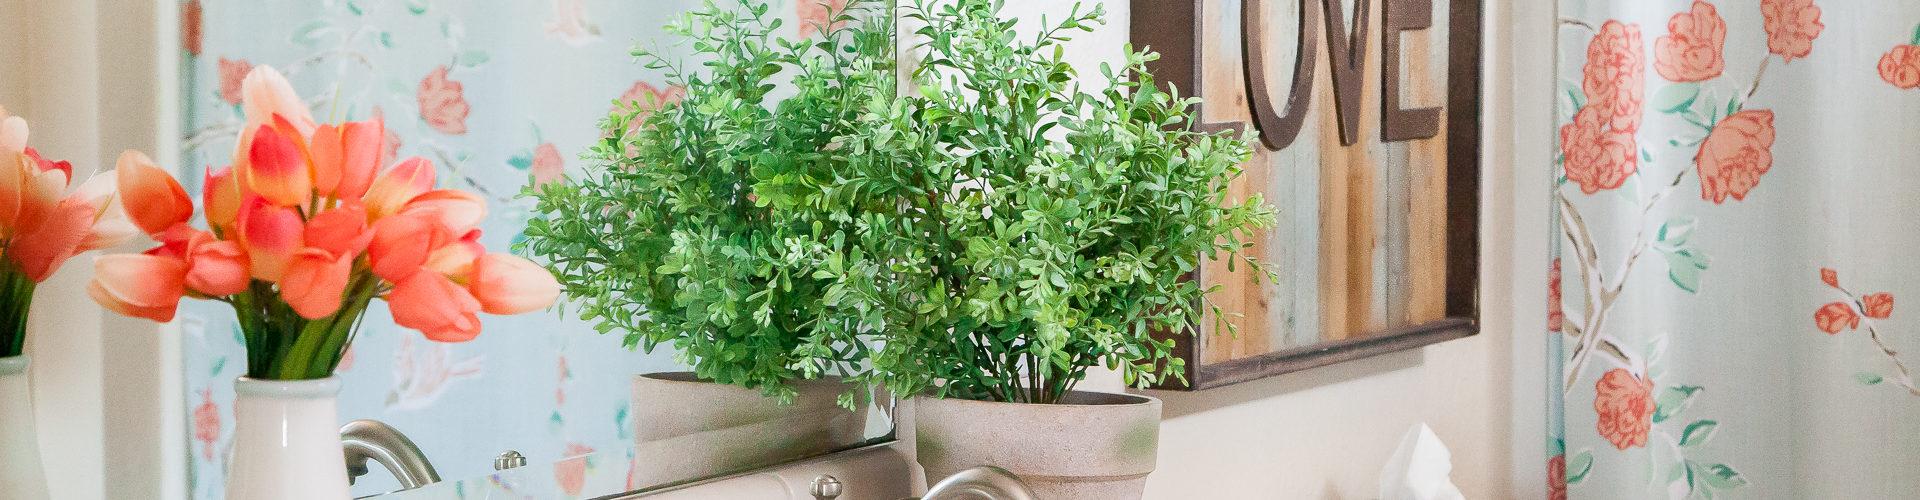 Budget-Friendly Bathroom Storage Ideas